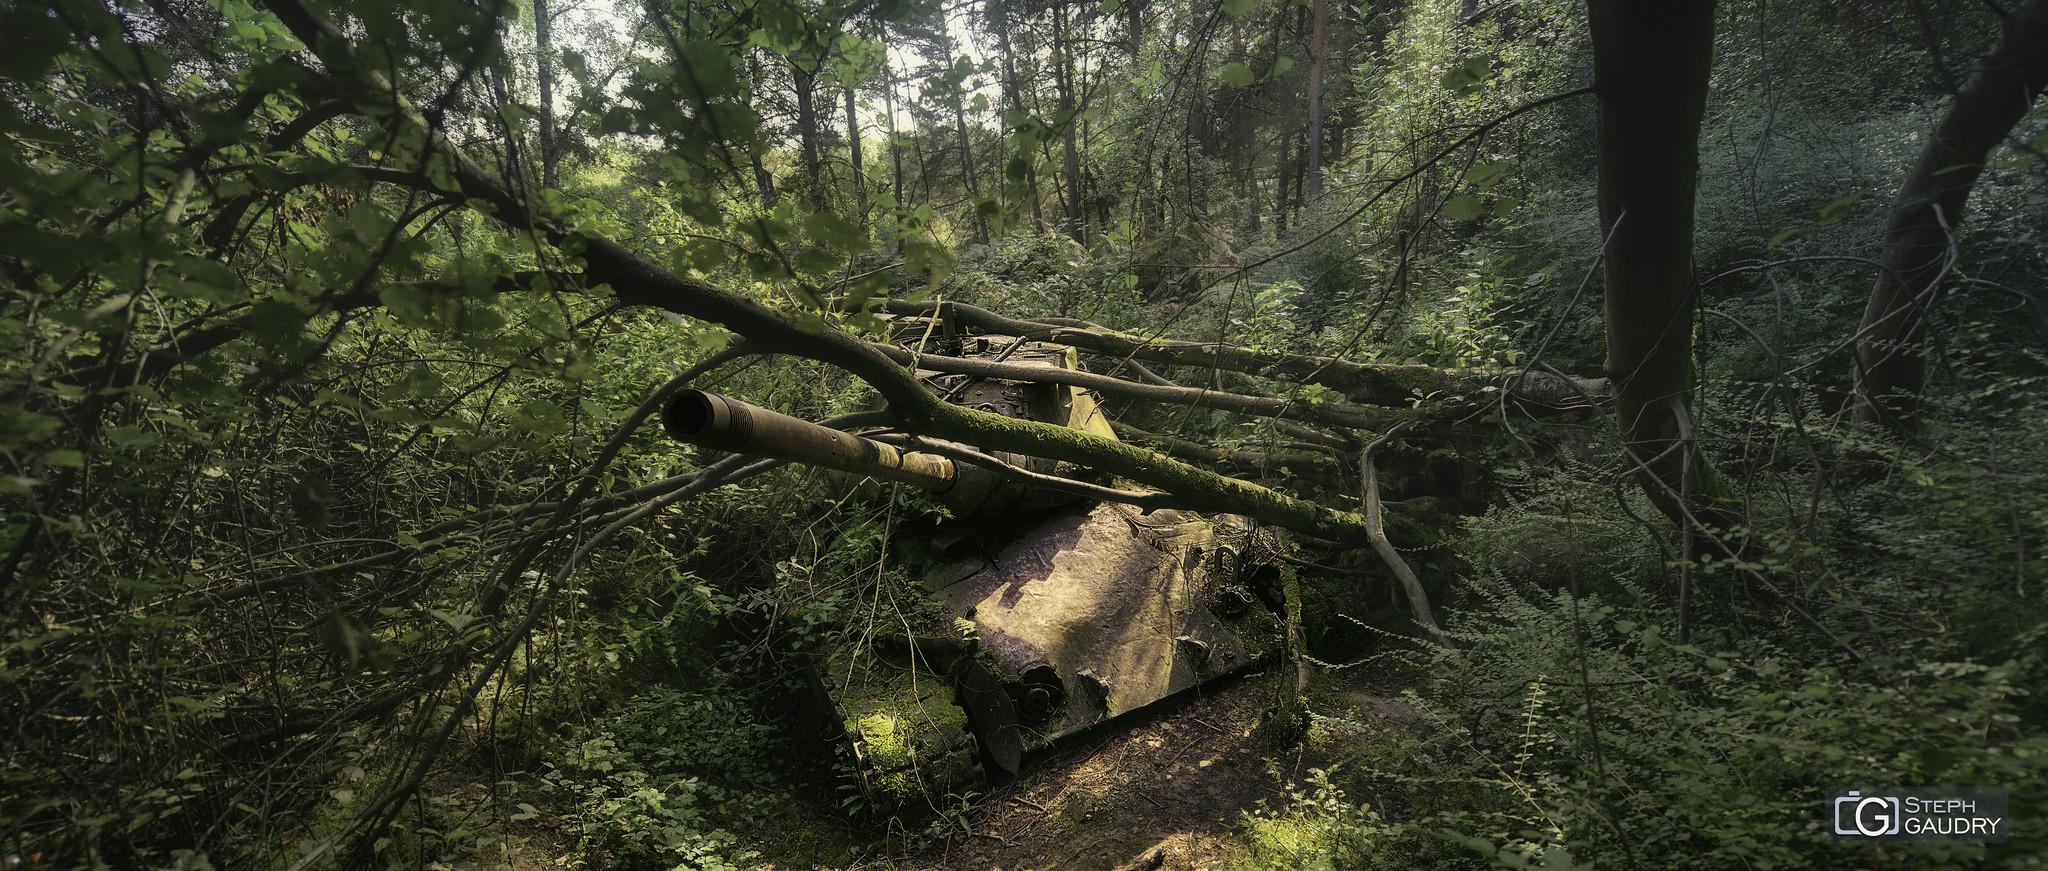 Tank abandonné dans la forêt [Click to start slideshow]